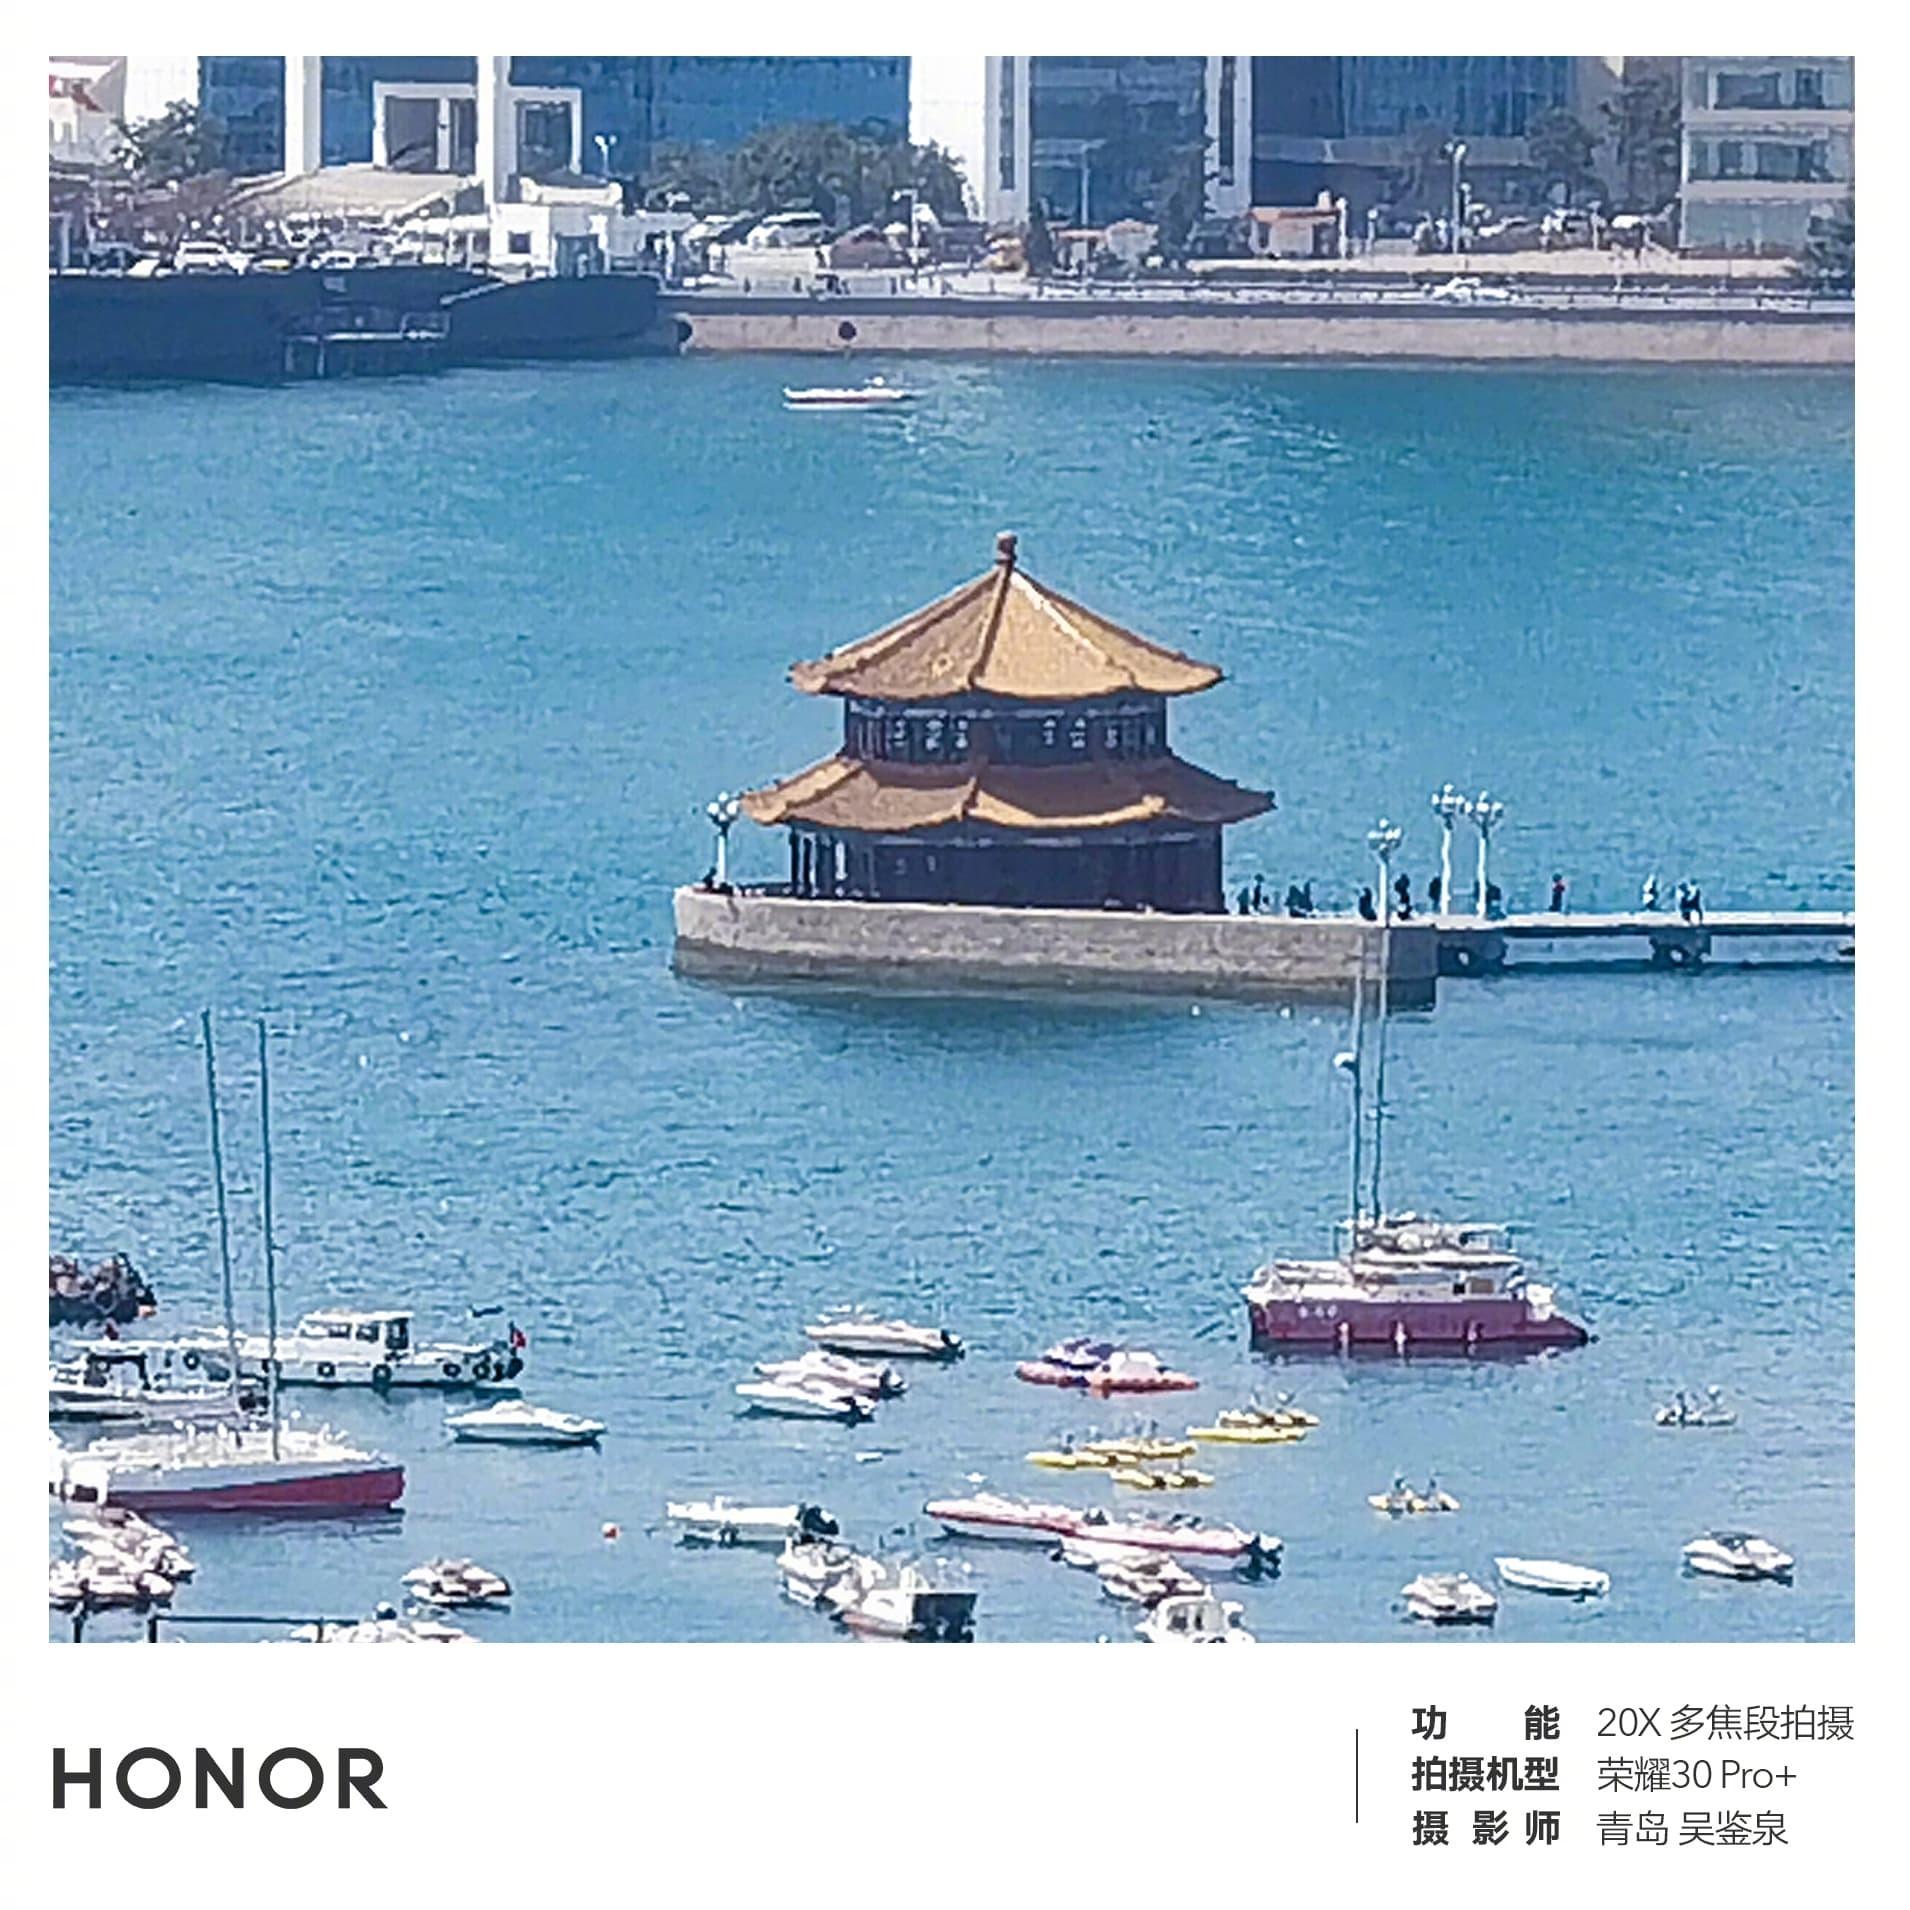 Honor 30 Pro + 20x Zoom